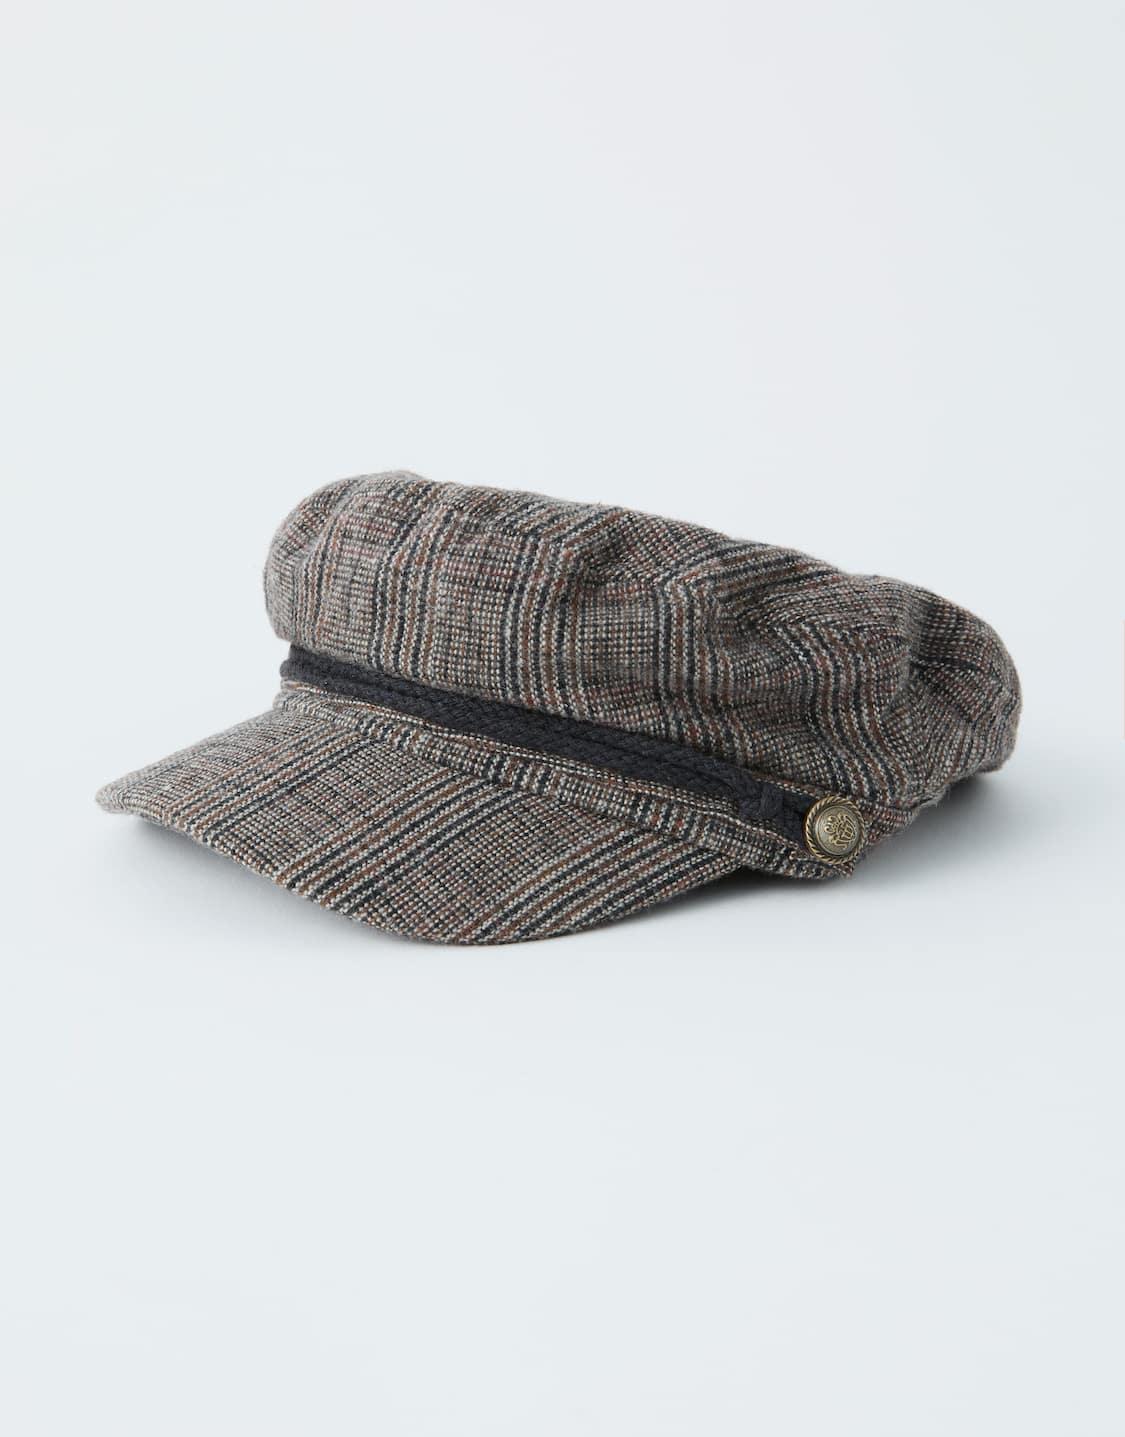 Cappello da marinaio a quadri - PULL BEAR 2eff334c8fda